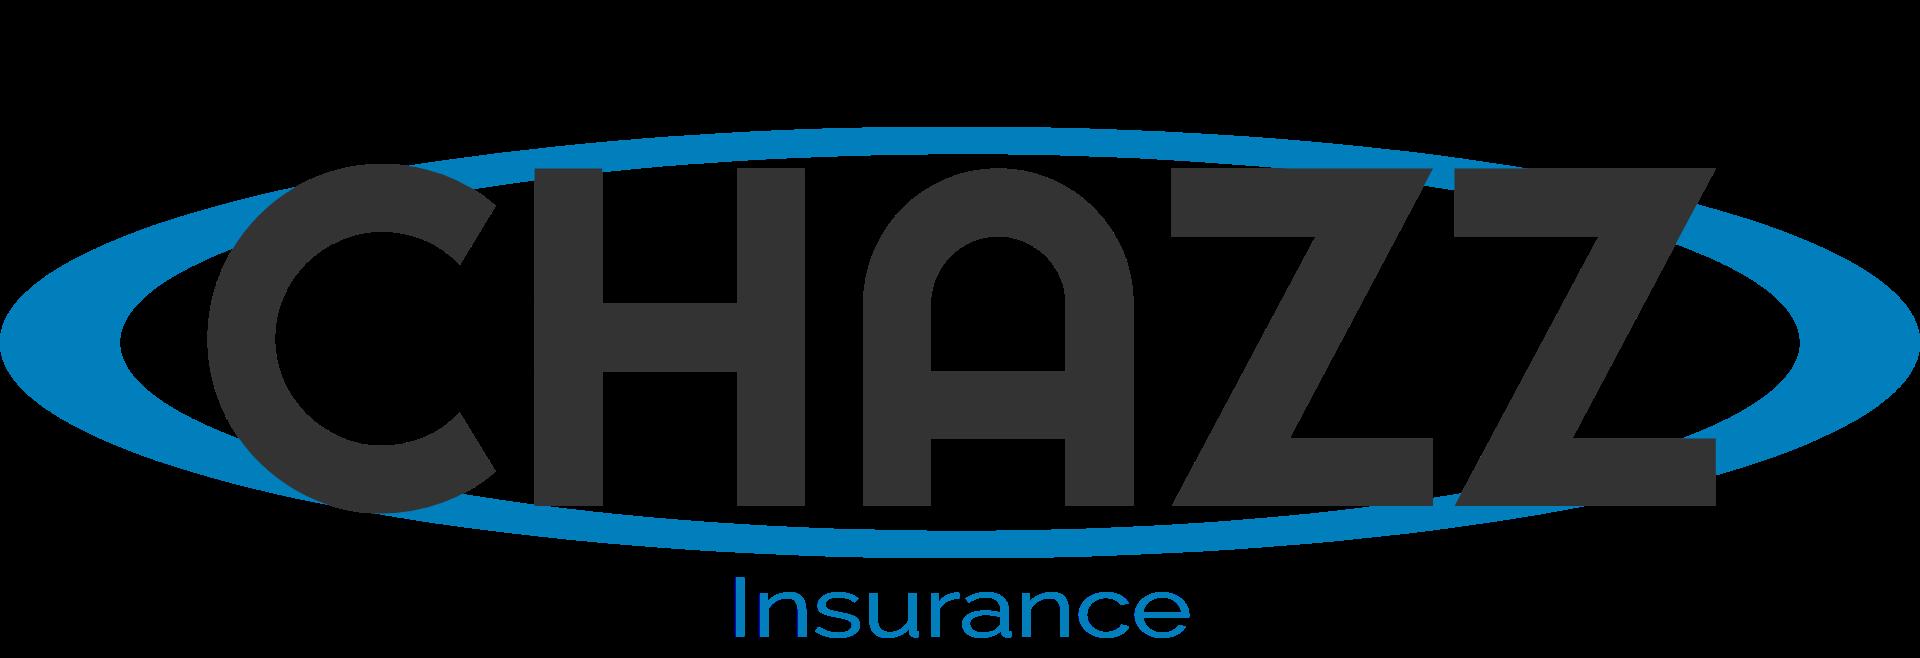 Chazz Insurance